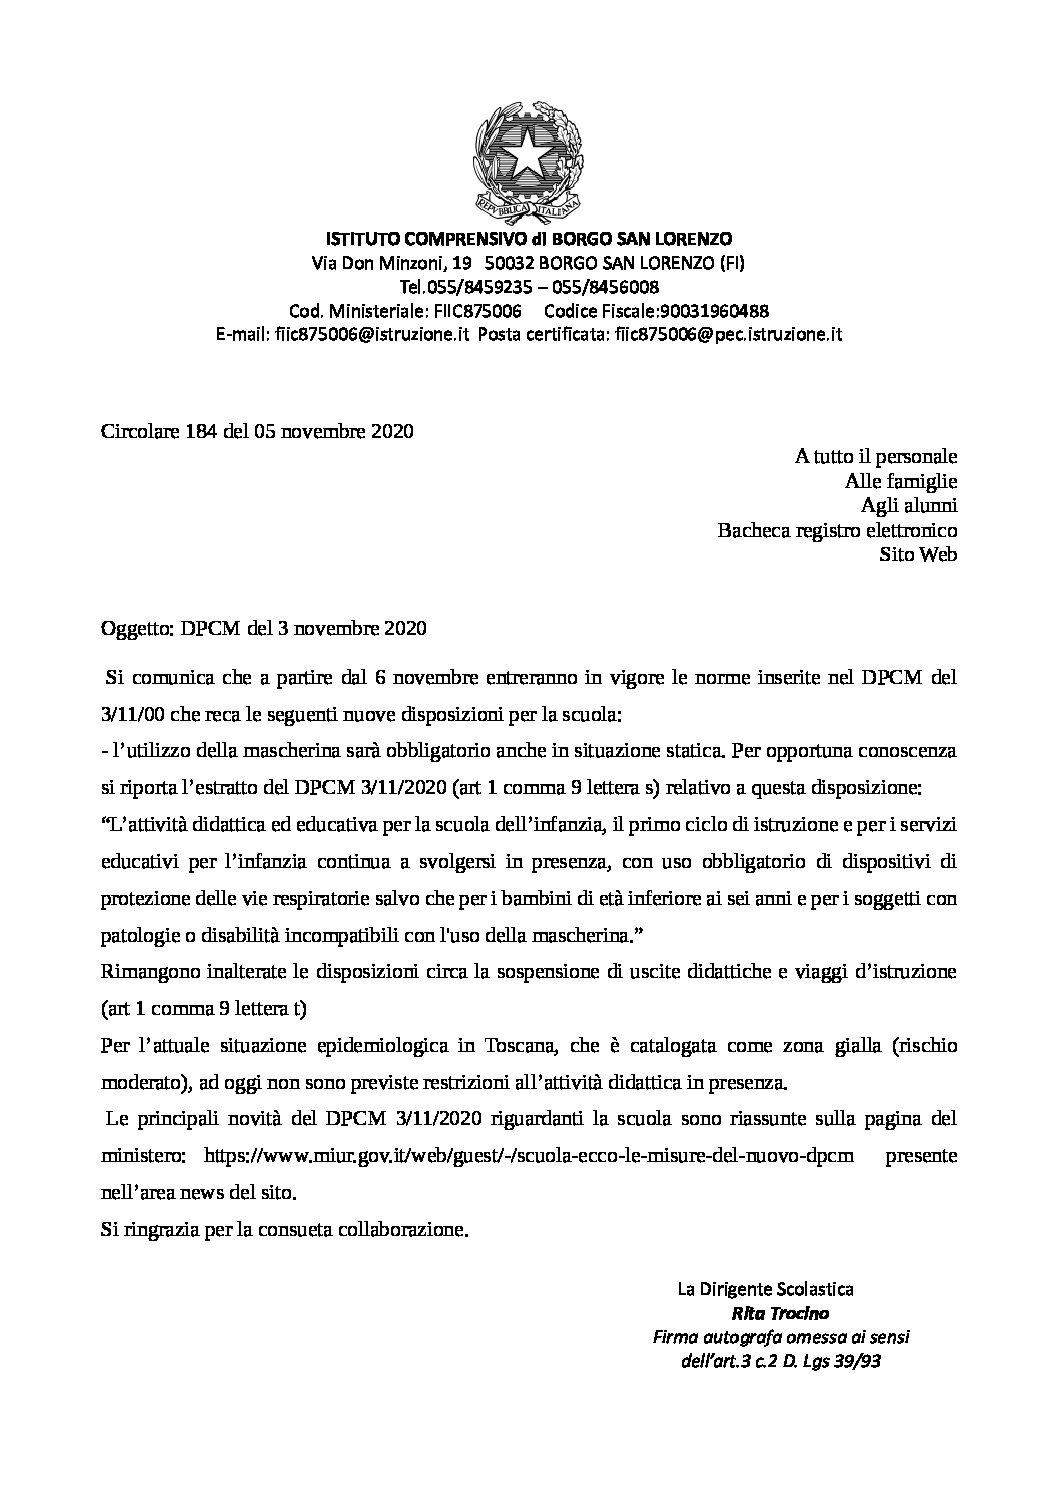 CIRC. 184 – DPCM del 3 novembre 2020